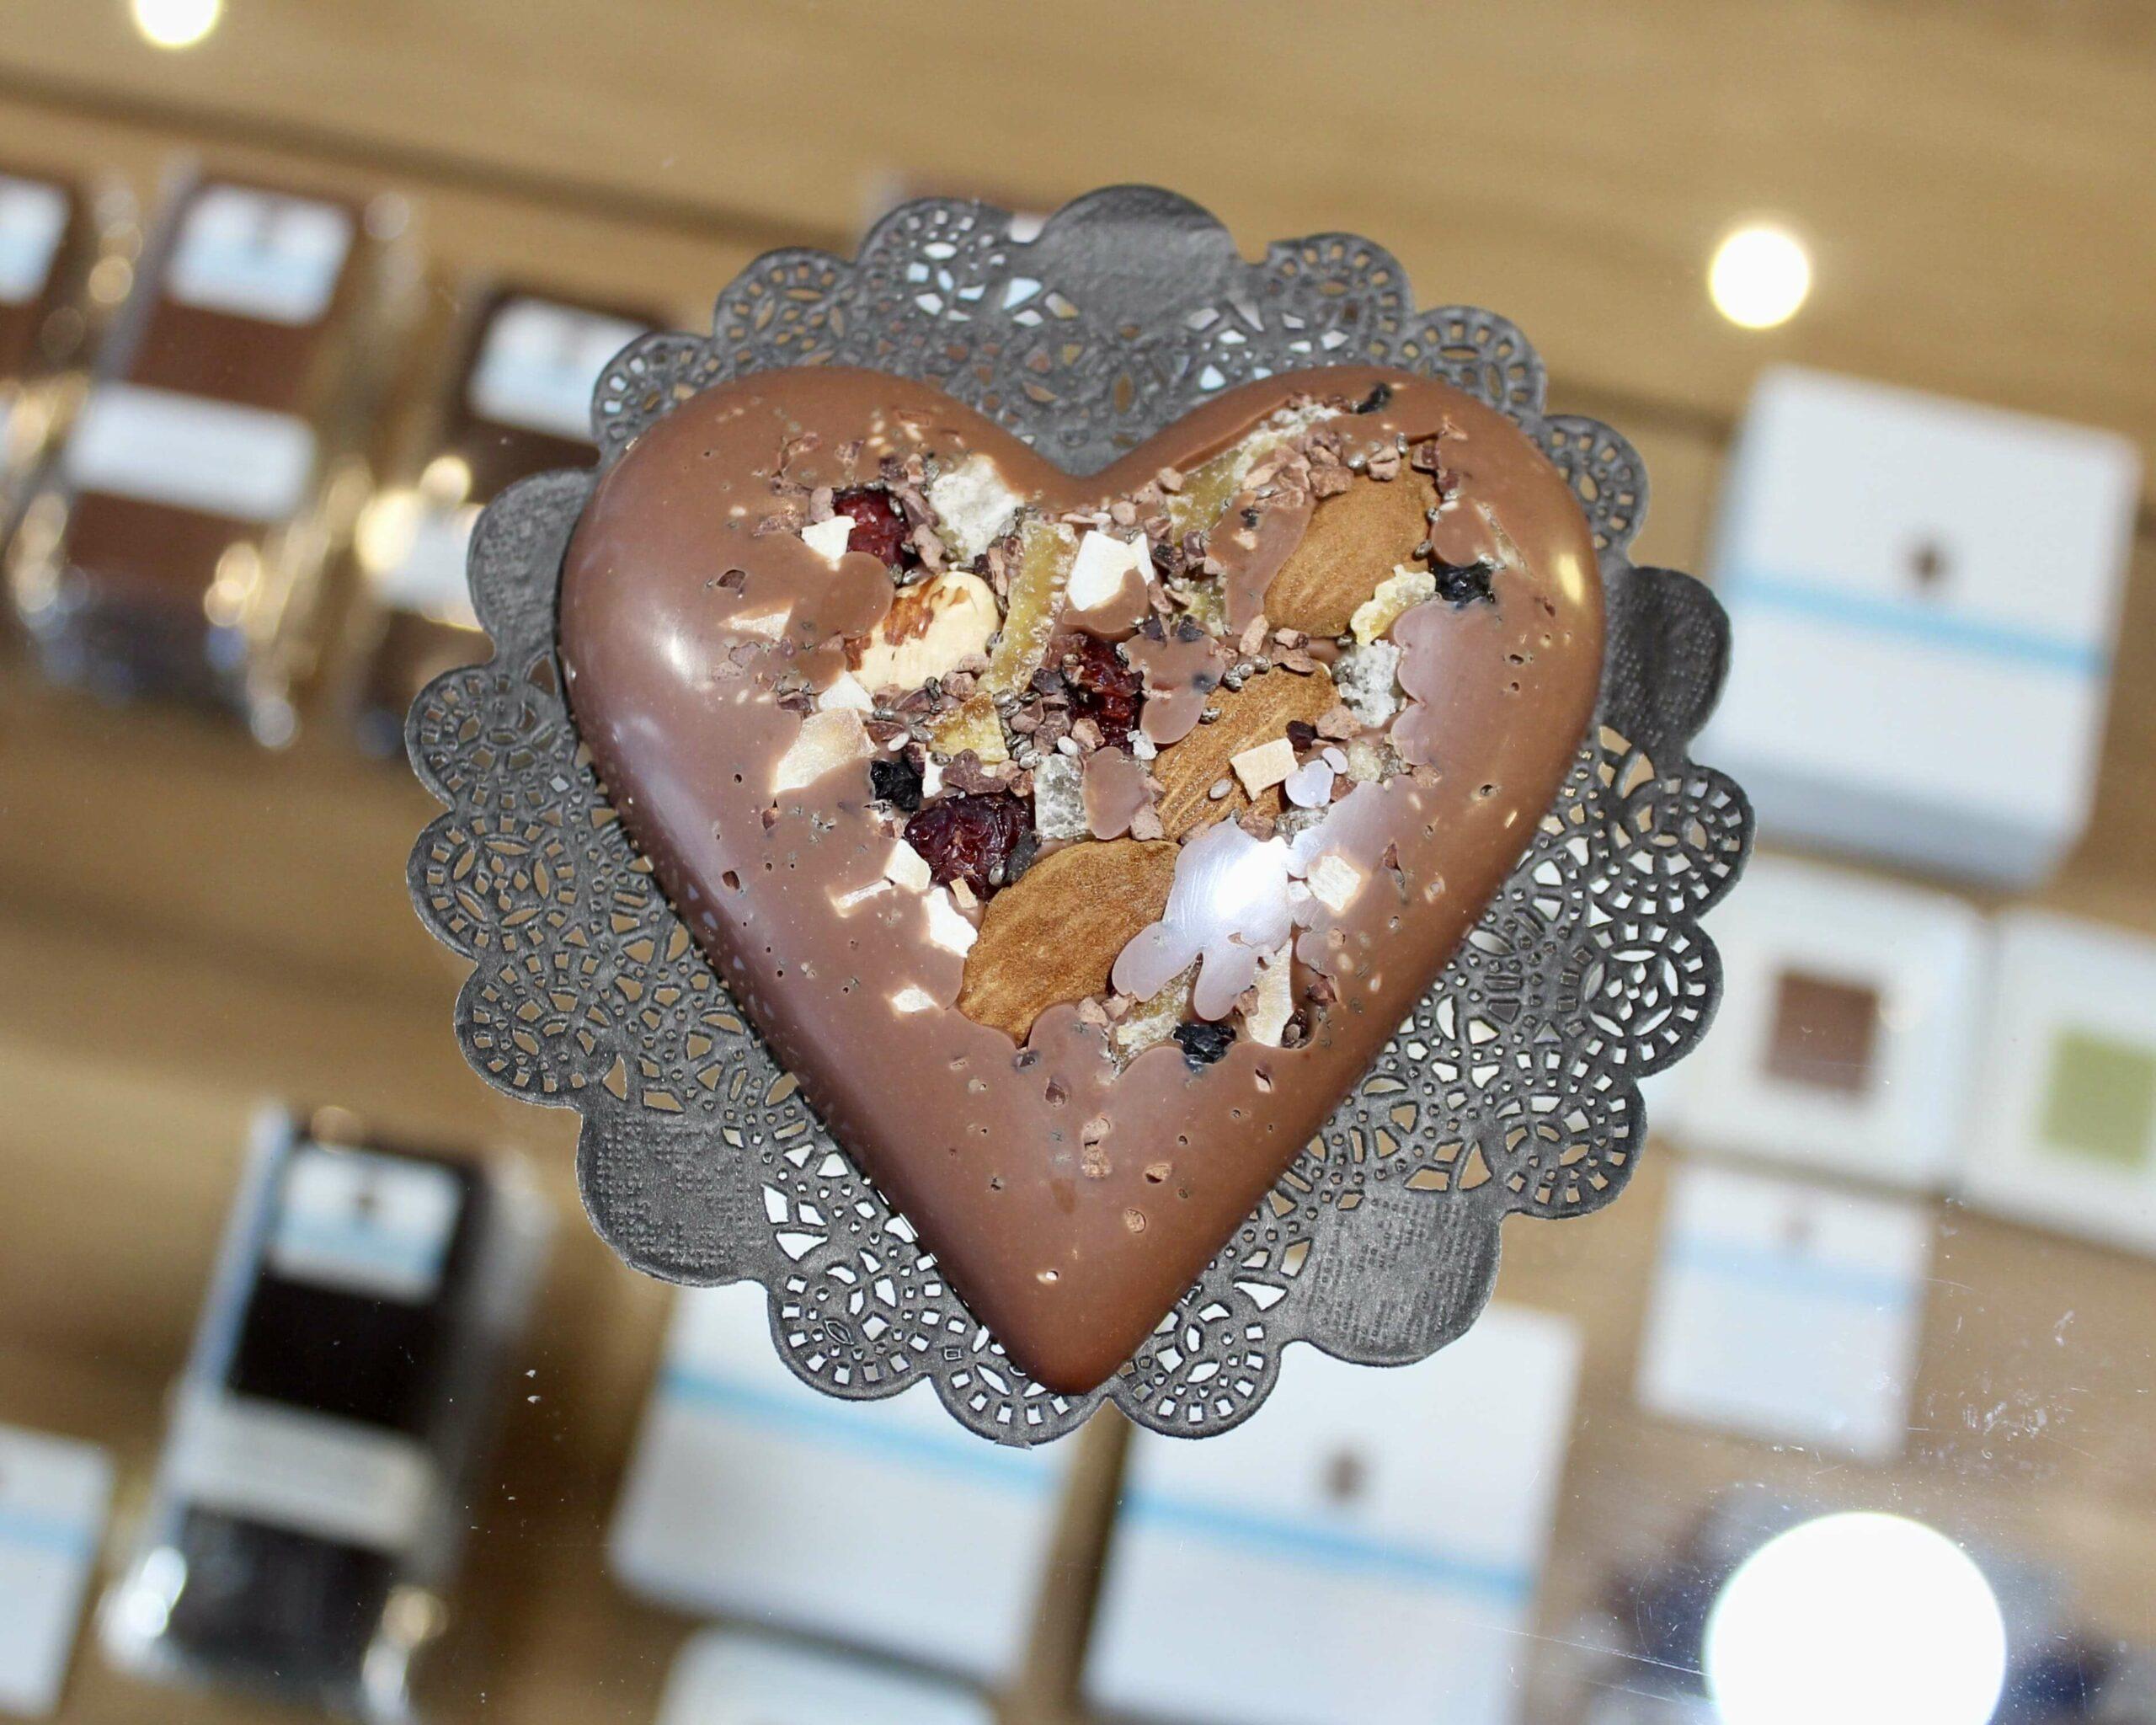 hilde devolder chocolatier heart with nuts fruits seeds